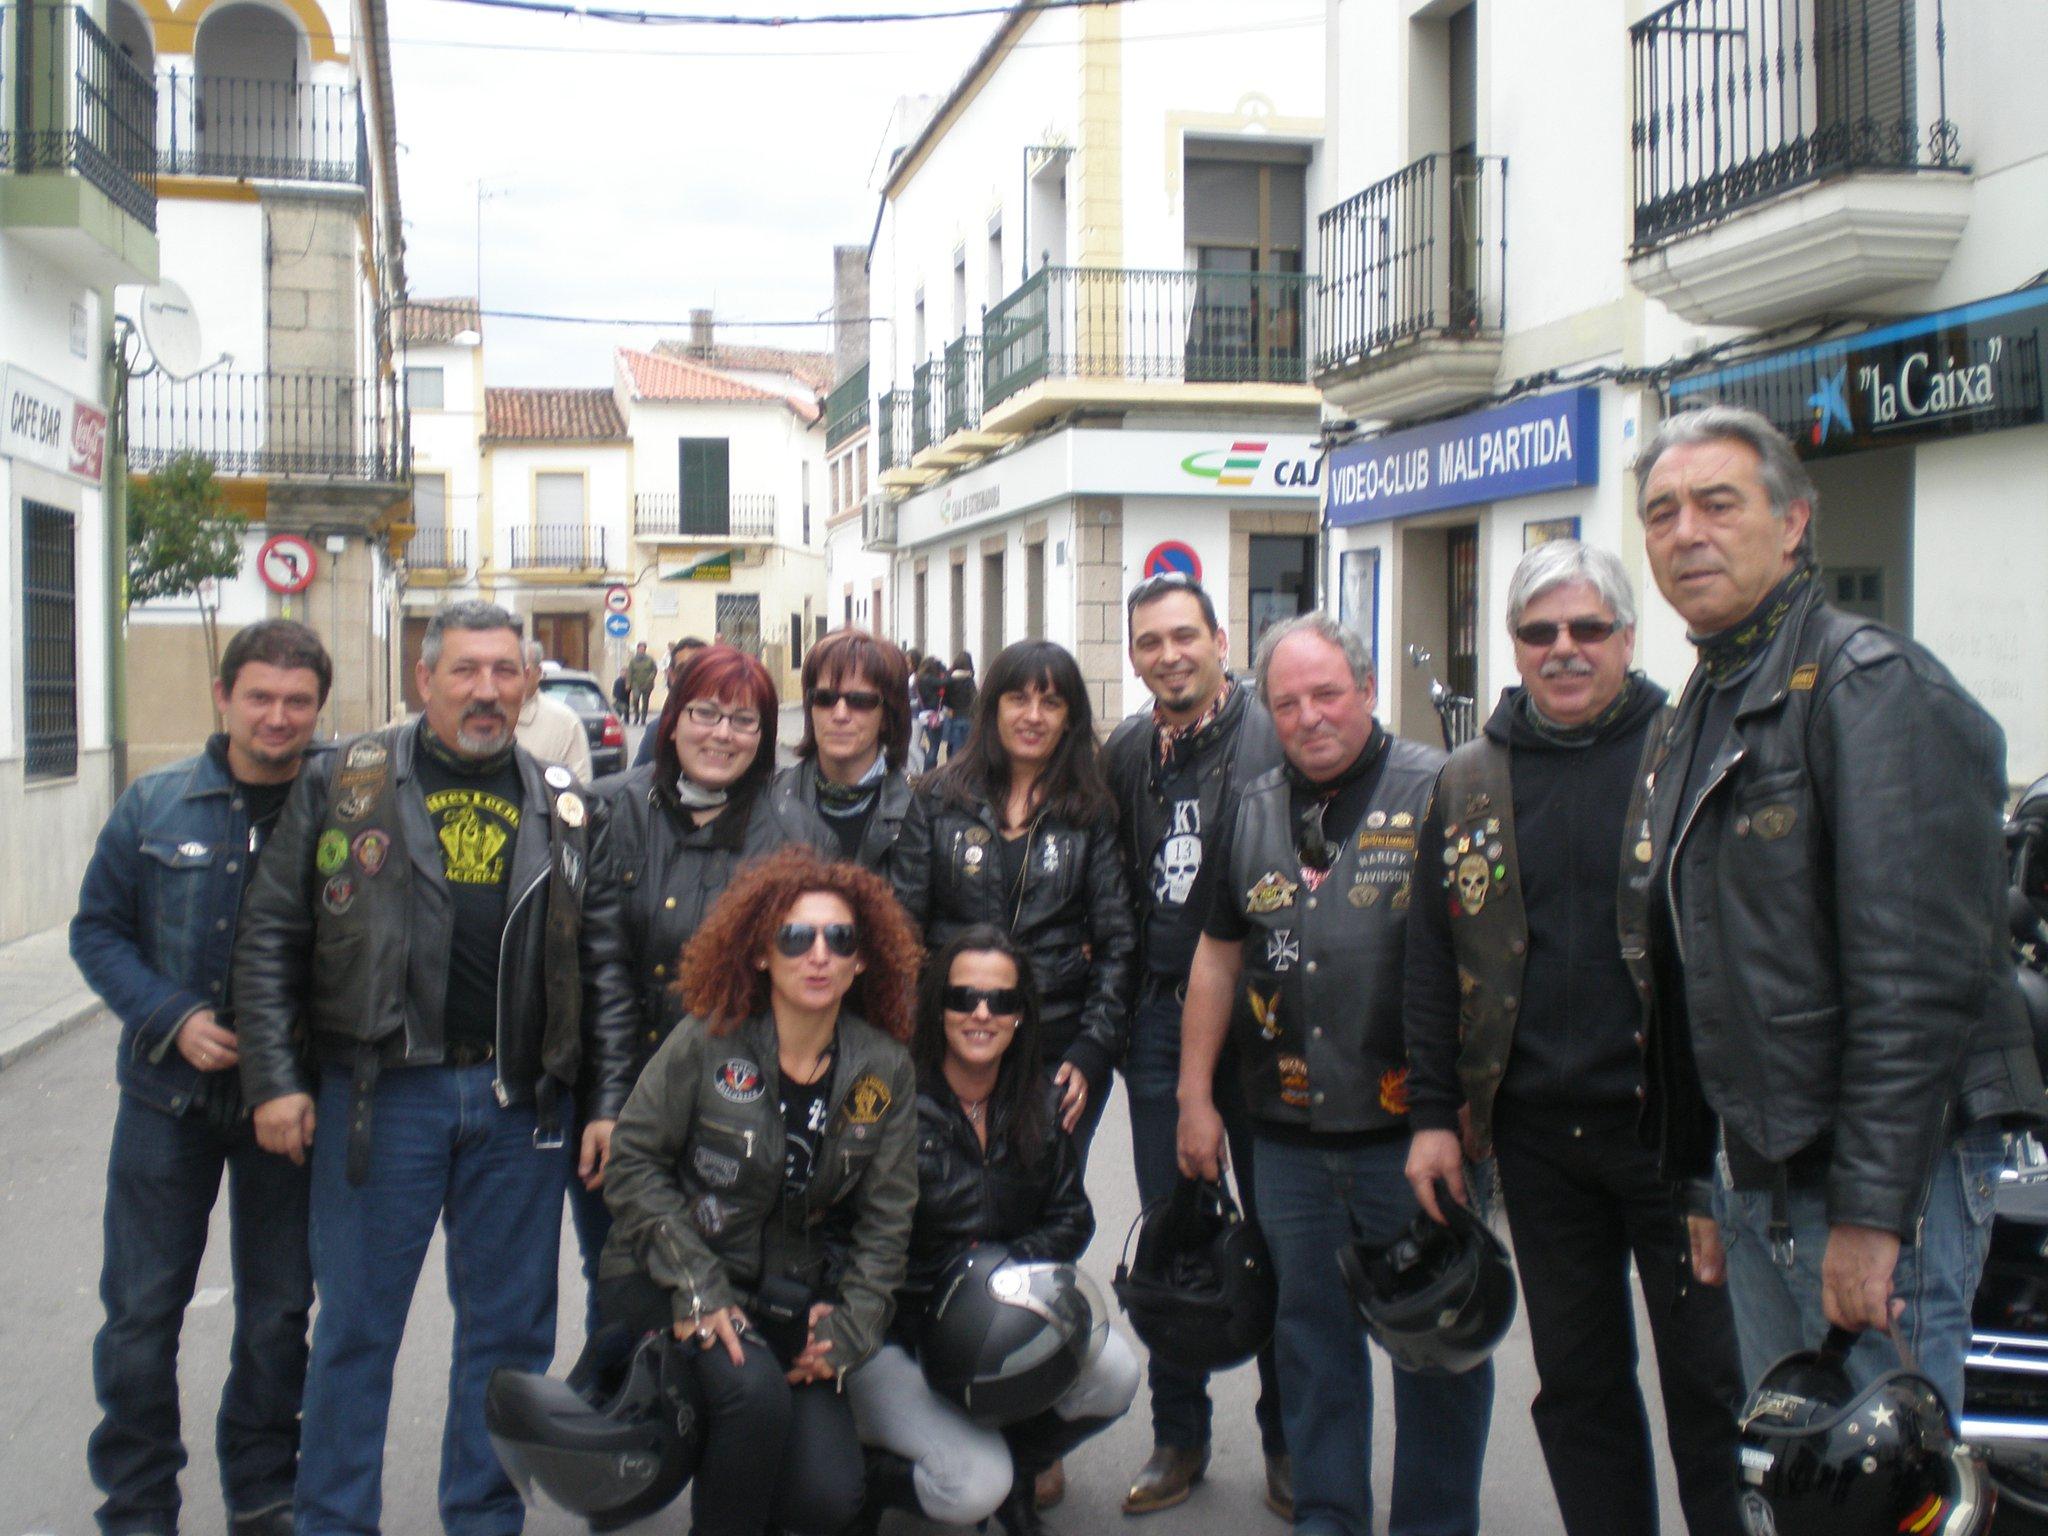 Buitres Leonaos en Malpartida de Cáceres